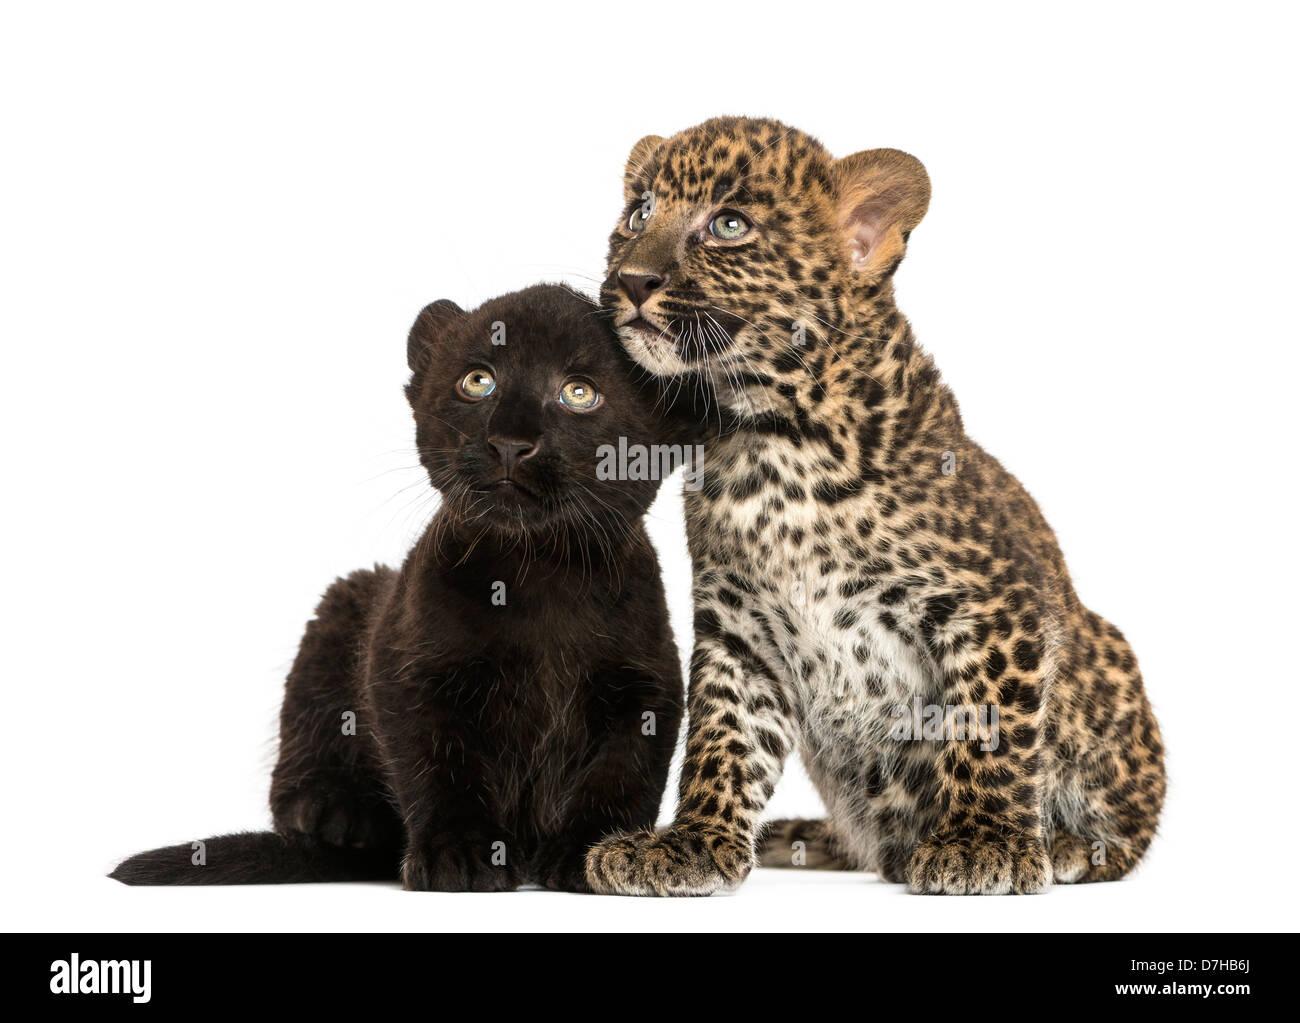 Schwarz und Spotted Leopard jungen sitzen nebeneinander vor weißem Hintergrund Stockbild